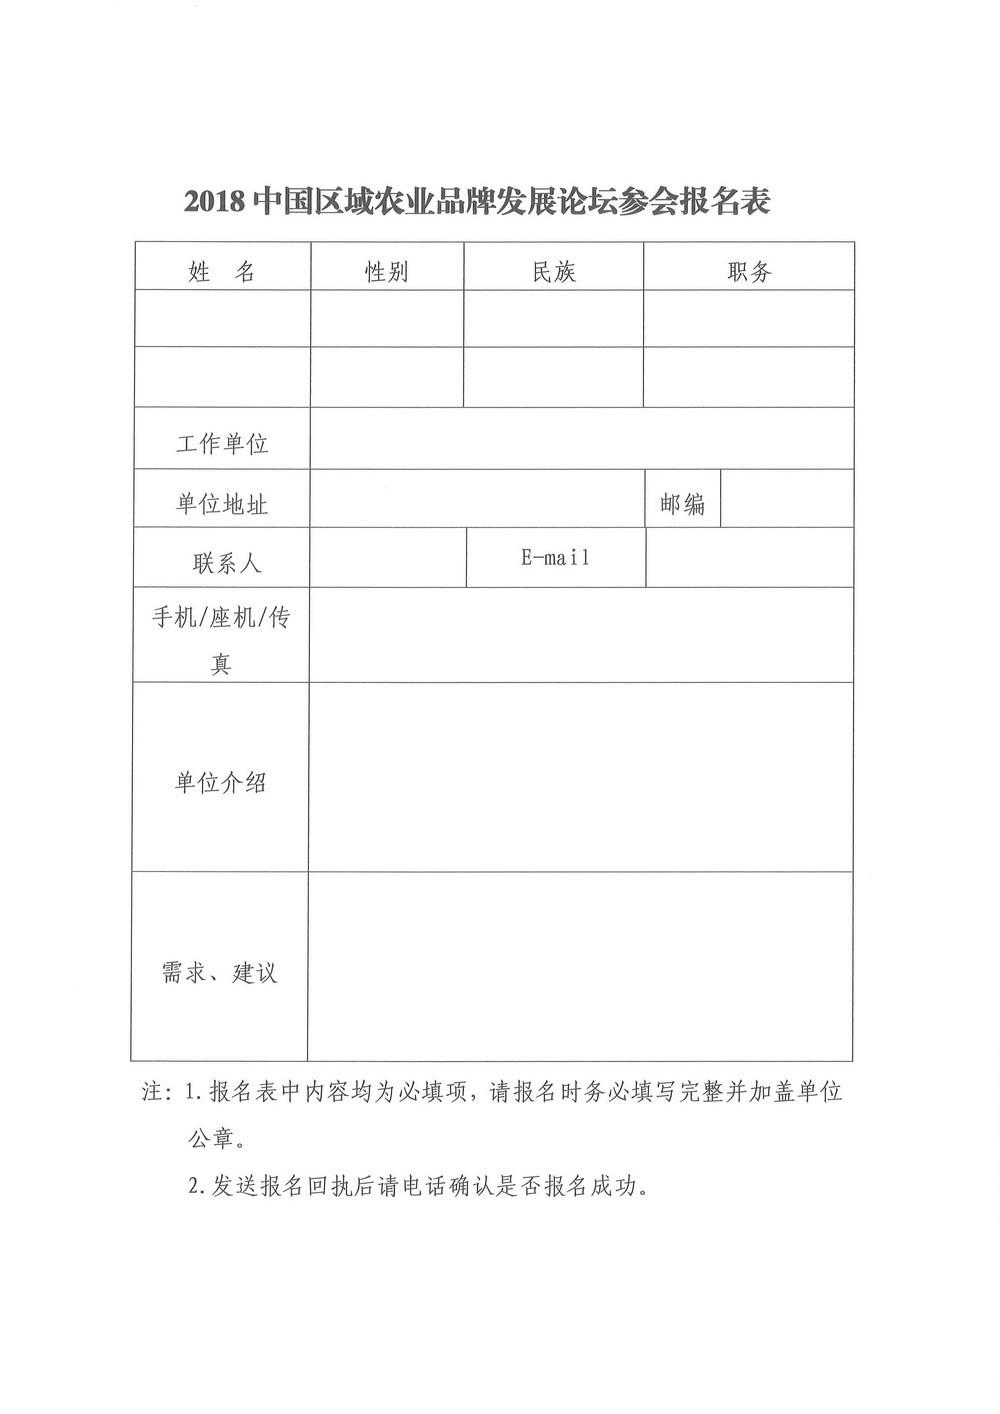 2018中国区域农业品牌发展论坛通知